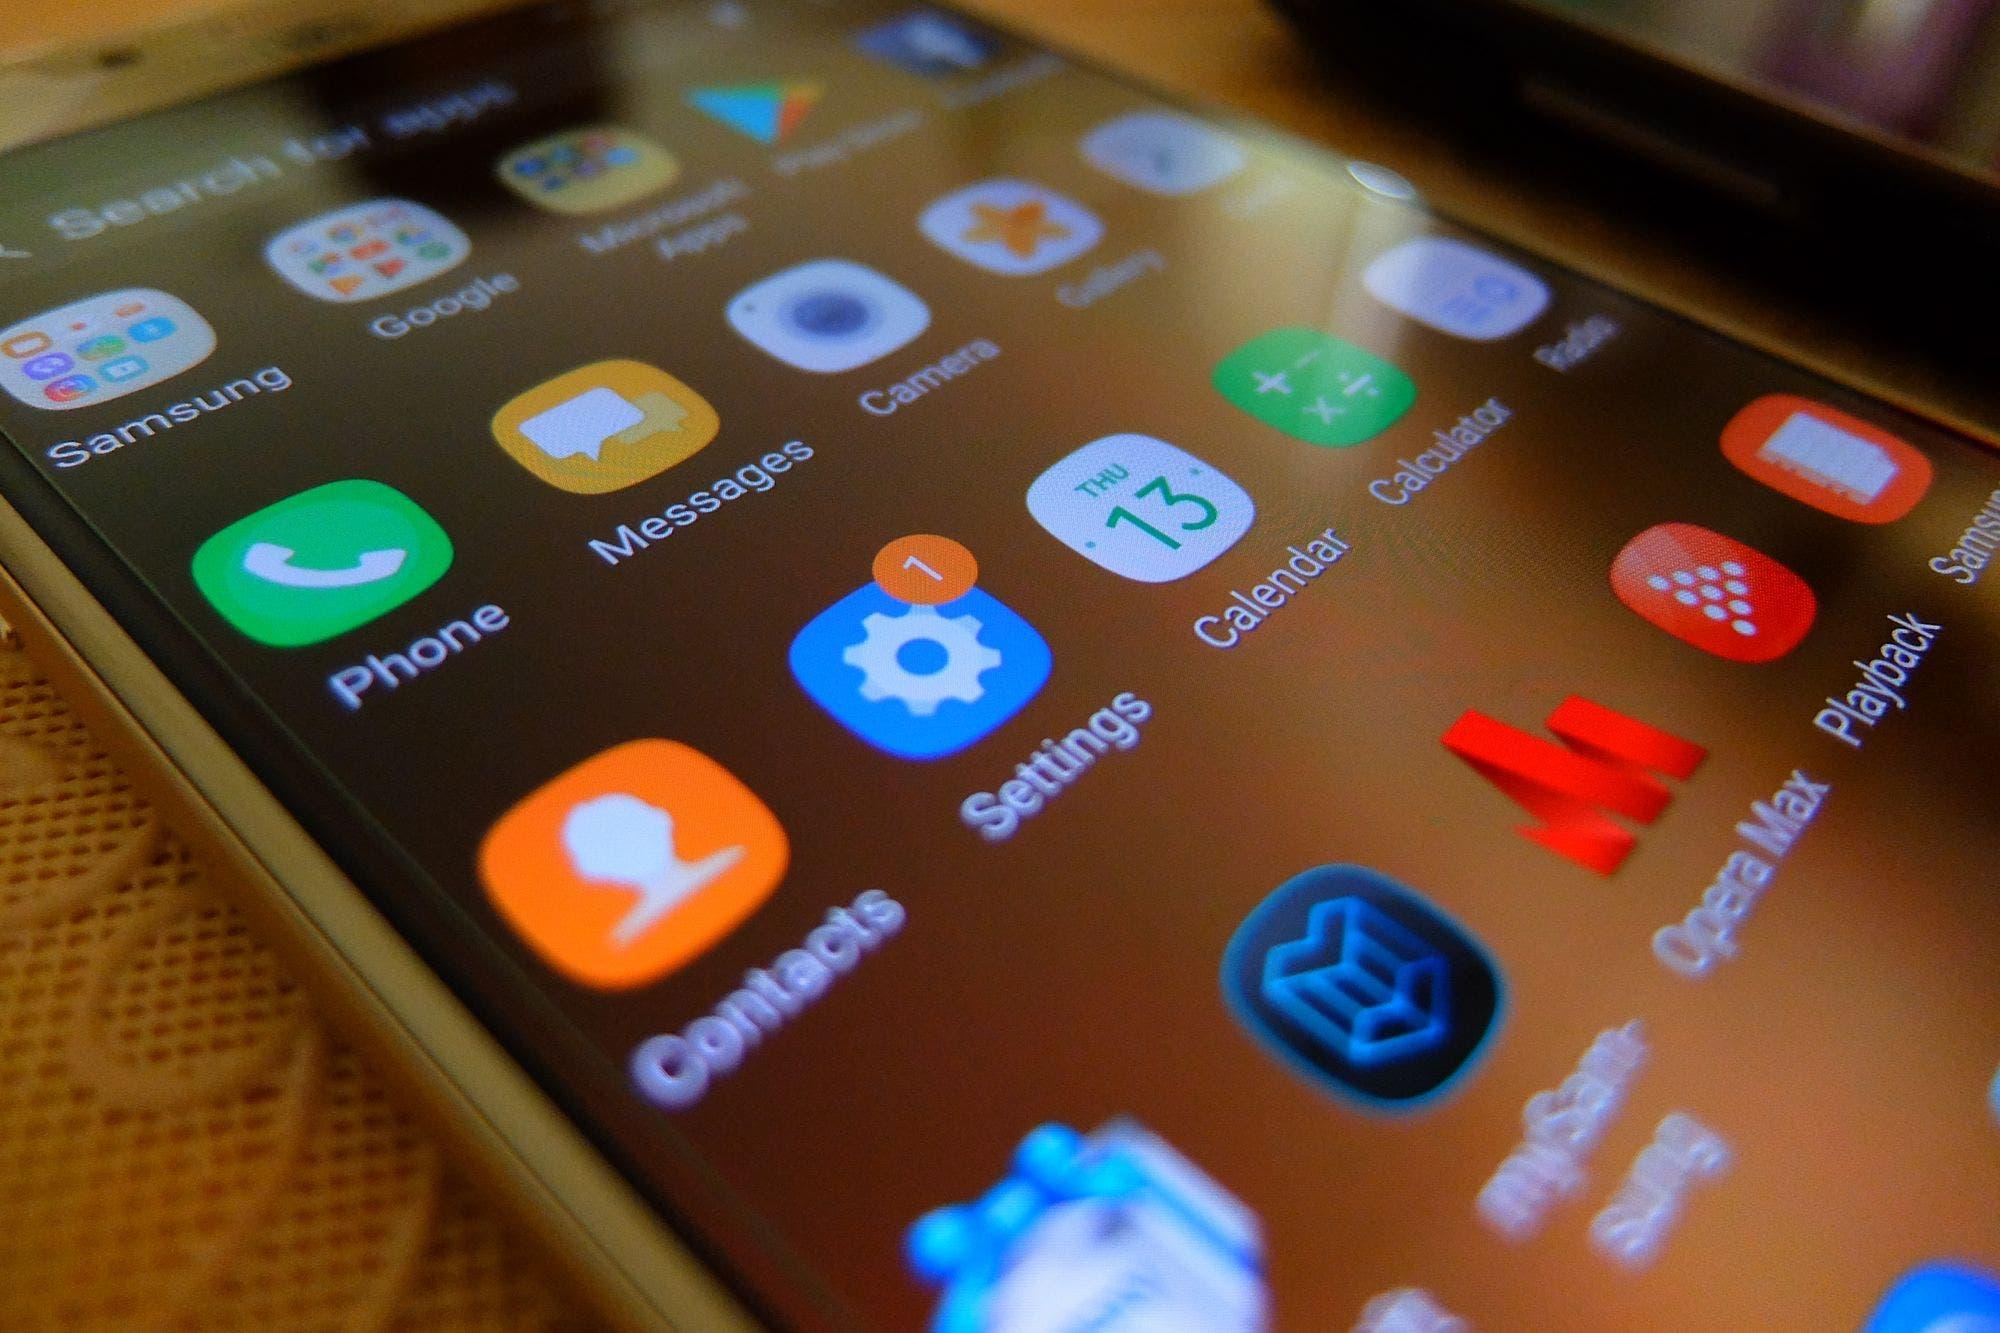 Identifican 400 vulnerabilidades en chips de Qualcomm presentes en el 40% de los smartphones